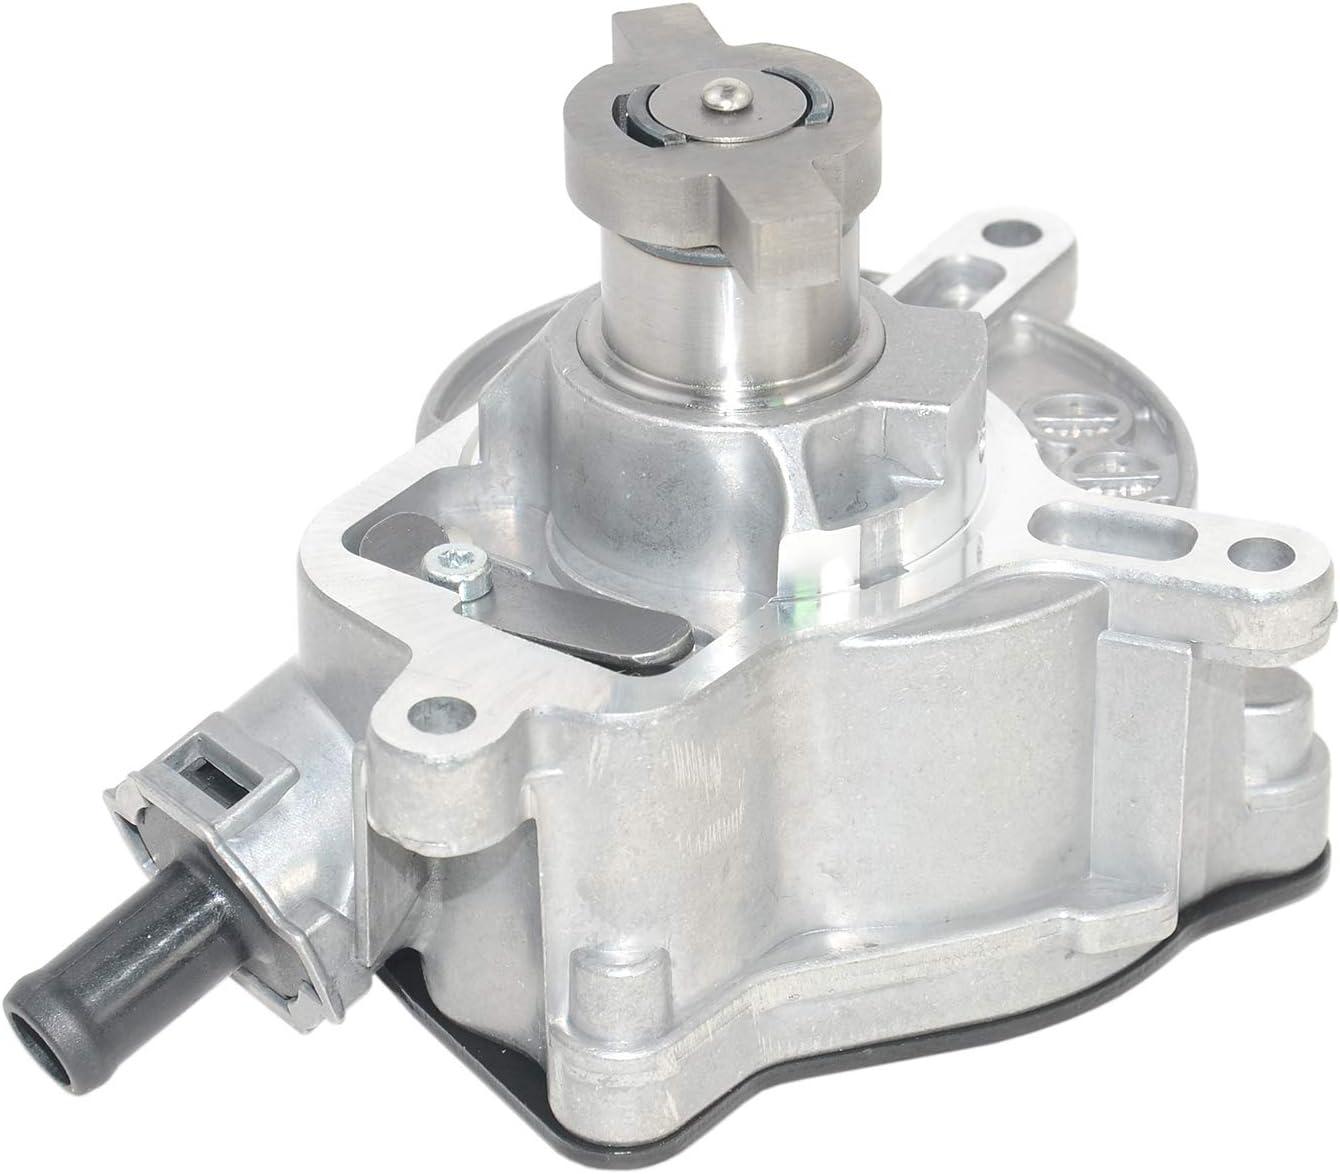 Part# 07K145100C Vacuum Pump For TT Volkswagen Beetle Golf Jetta Passat Rabbit - Replace Part Number 904-817